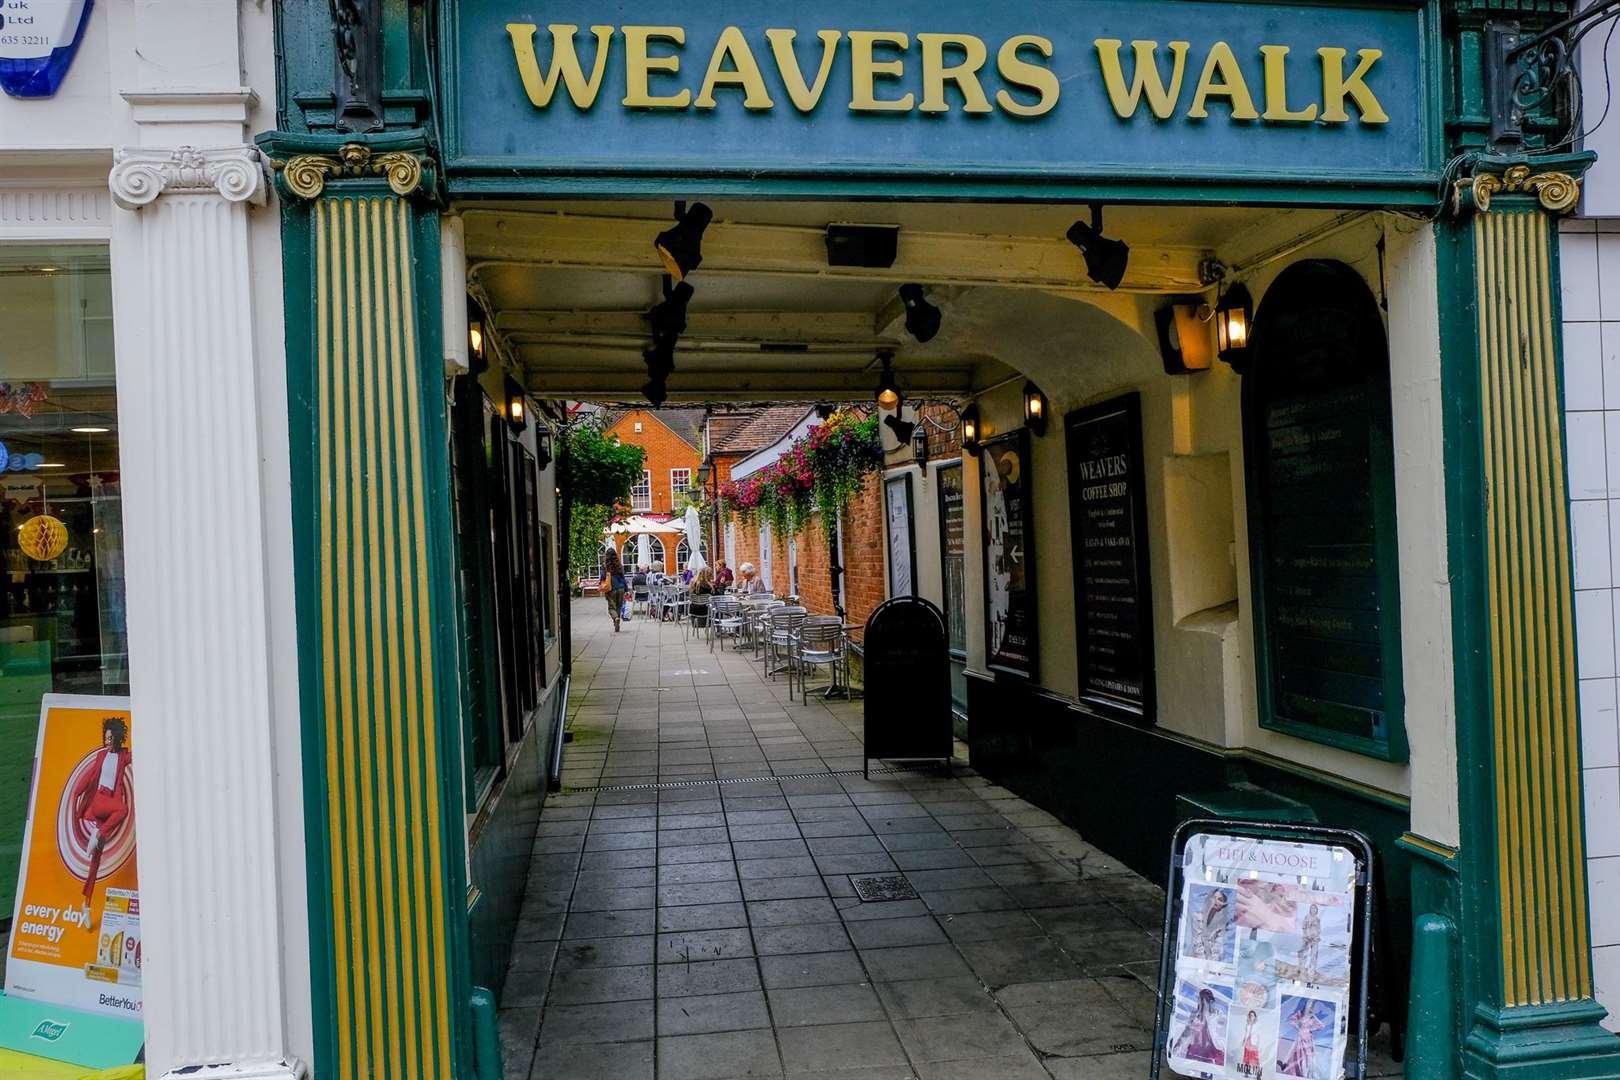 Newbury - Weavers Walk. Ref: 26-2721 ... (48743774)